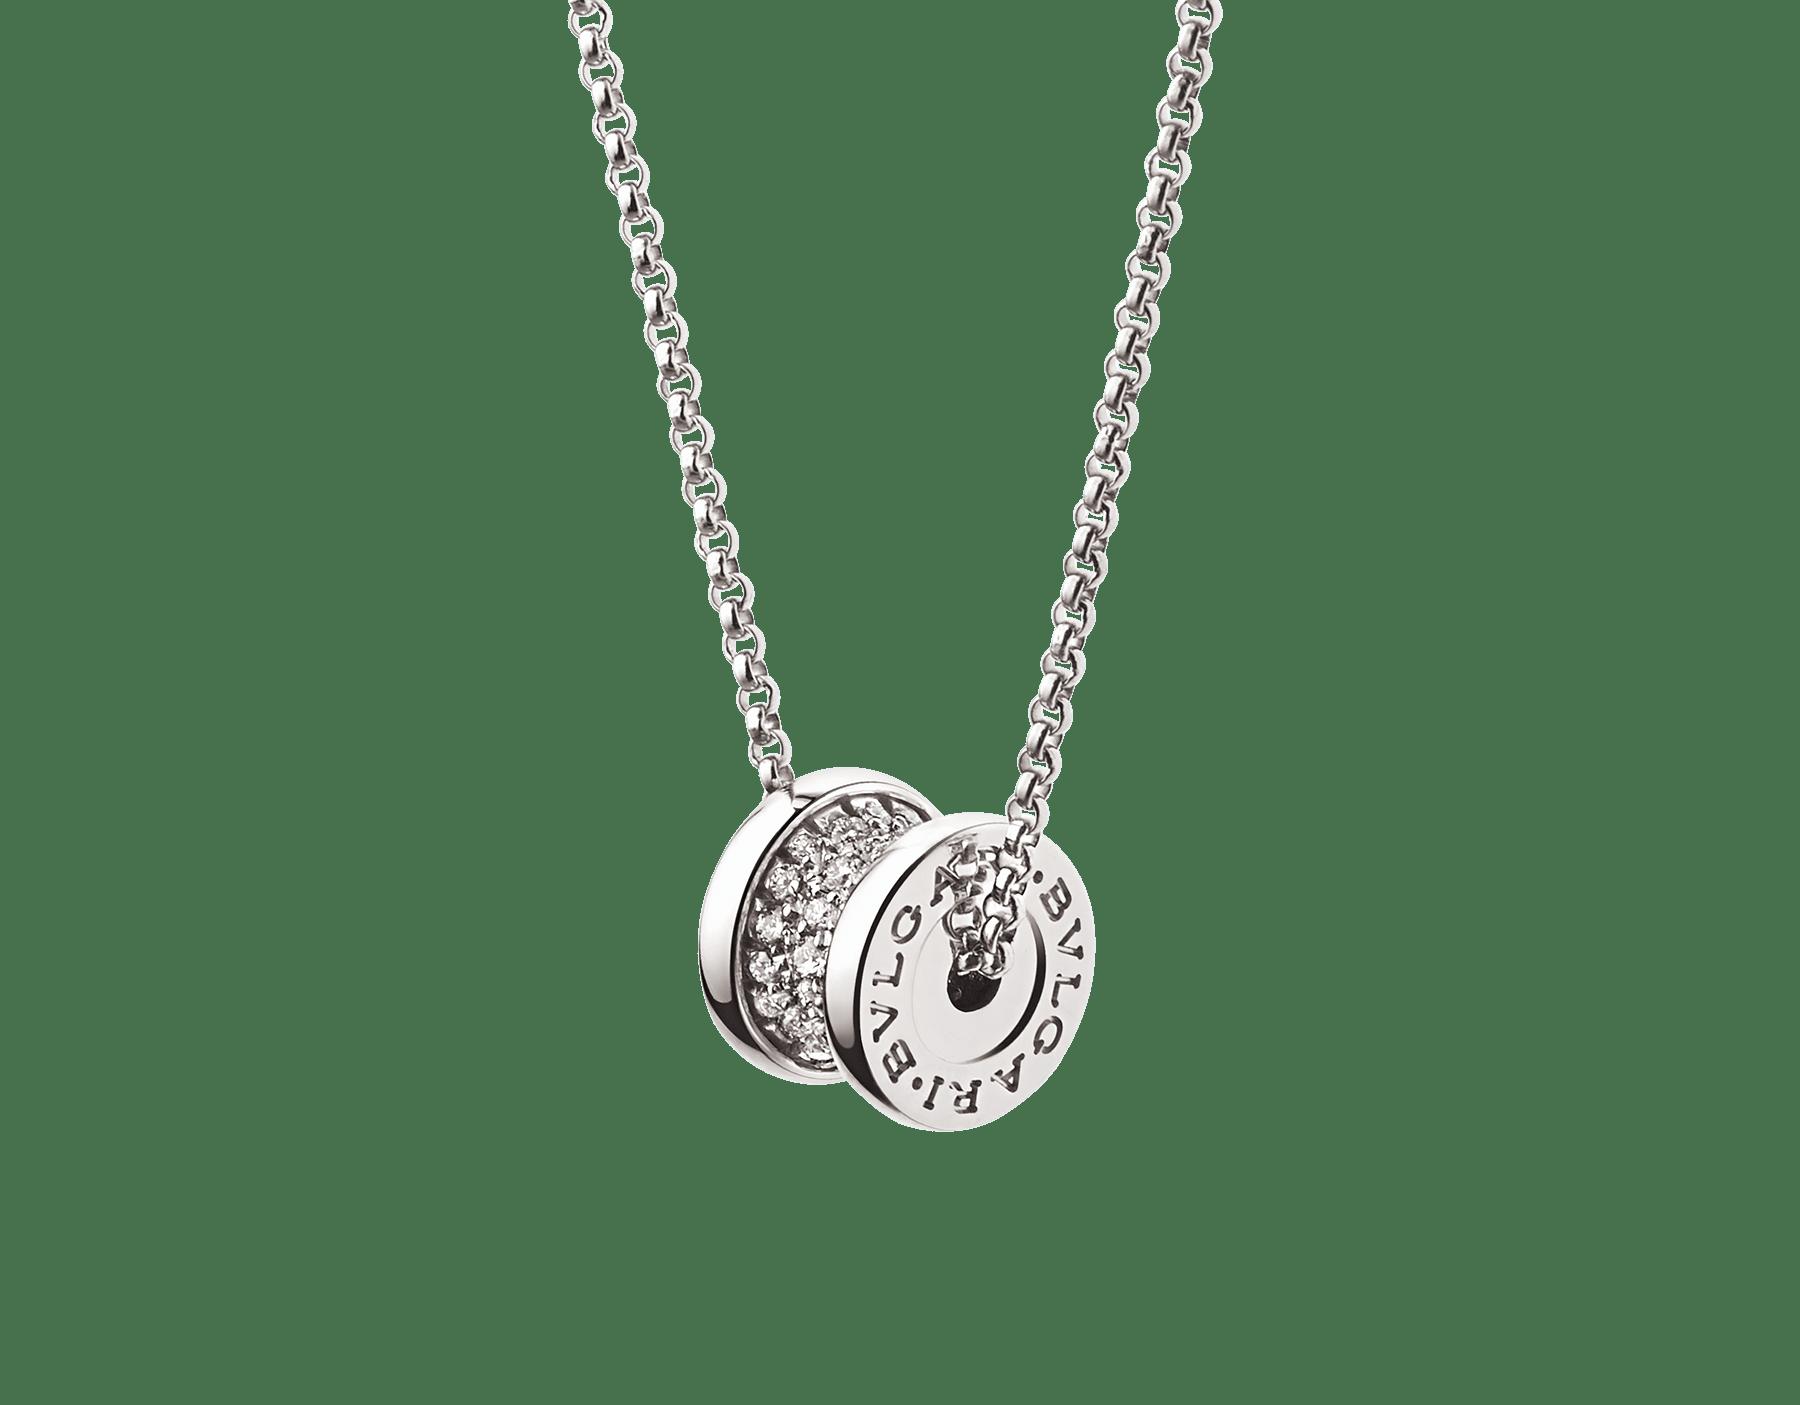 B.zero1 Kette aus 18 Karat Weißgold mit einem runden Anhänger aus 18 Karat Weißgold, an der Spirale ausgefasst mit Diamant-Pavé. 351117 image 1